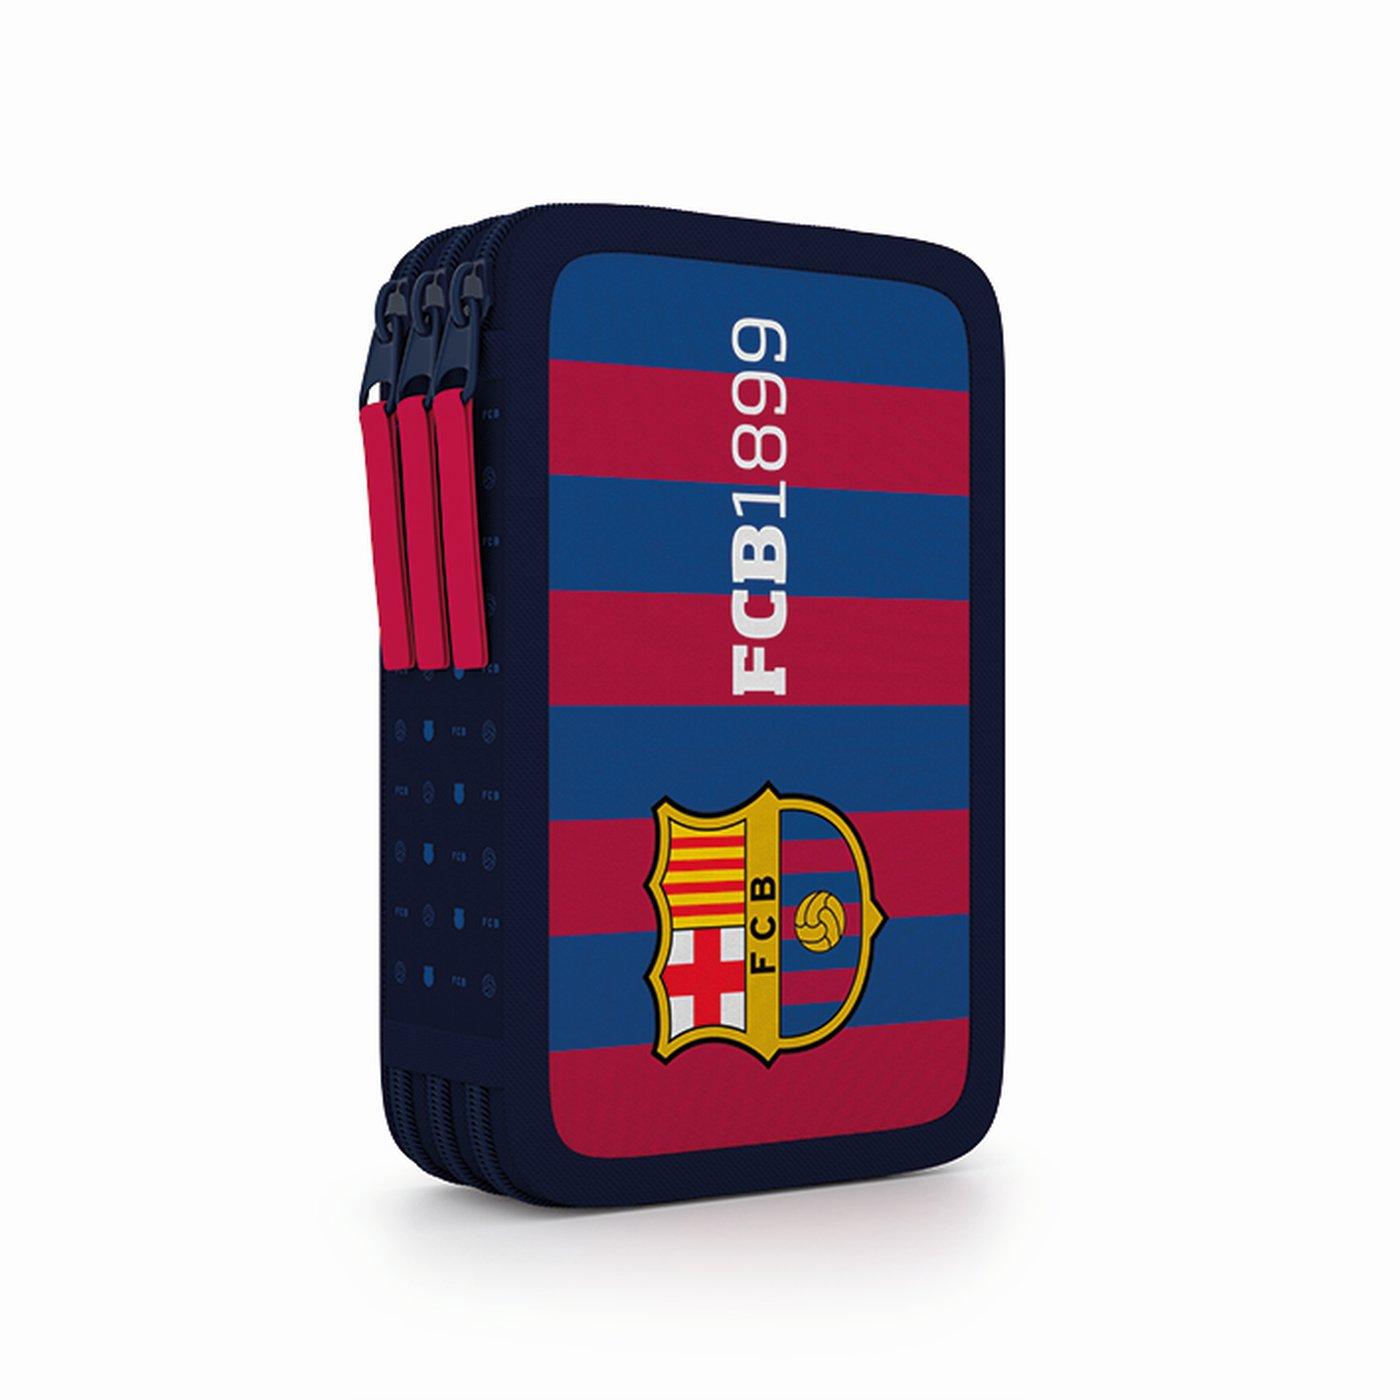 Penál 3 p. prázdný FC Barcelona - Školní potřeby » PENÁLY NENAPLNĚNÉ ... 2b1a6bbbee